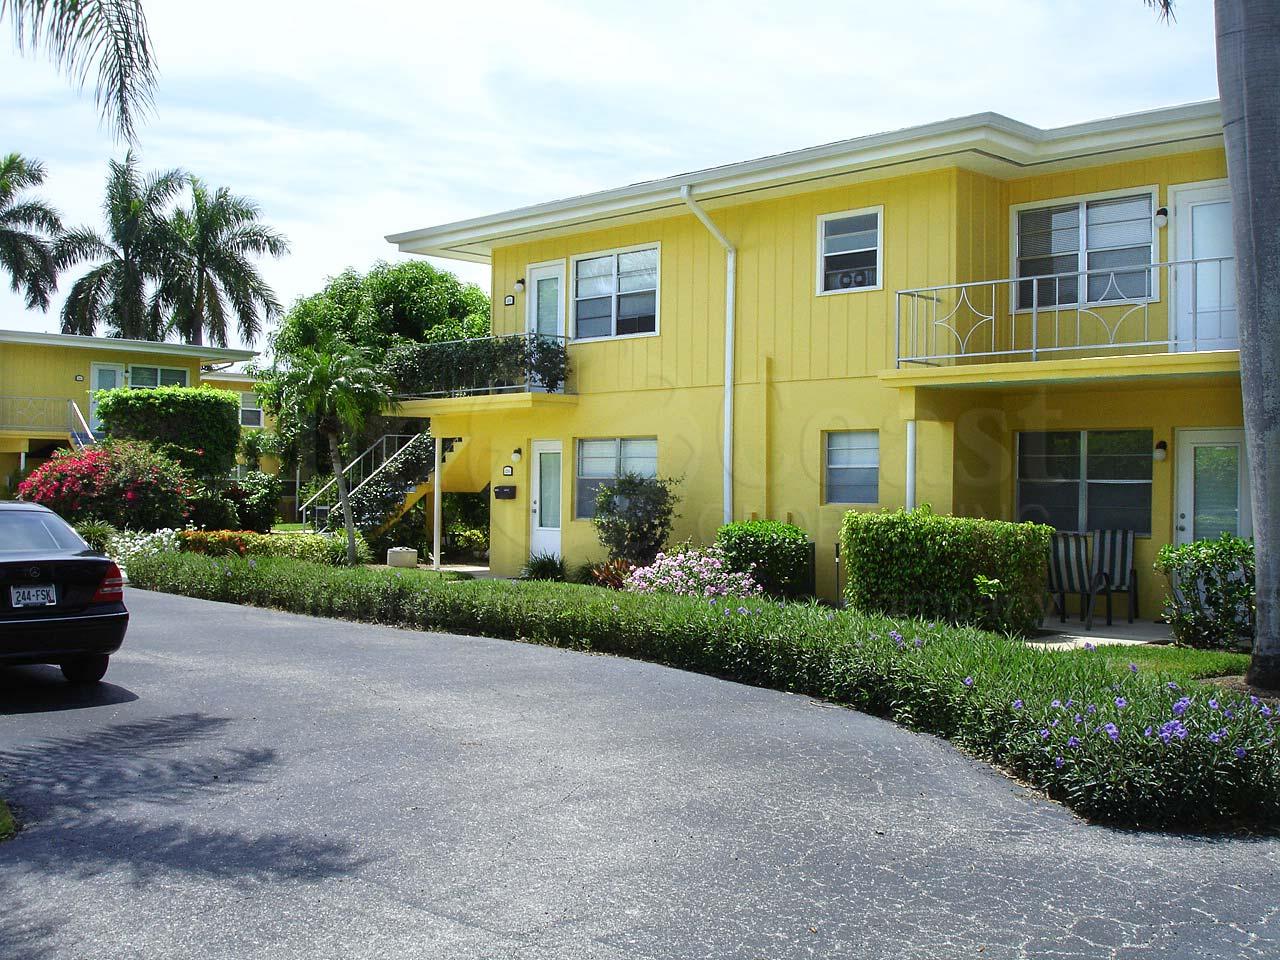 GARDEN MANOR at OLDE NAPLES SOUTHWEST Real Estate NAPLES Florida Fla Fl